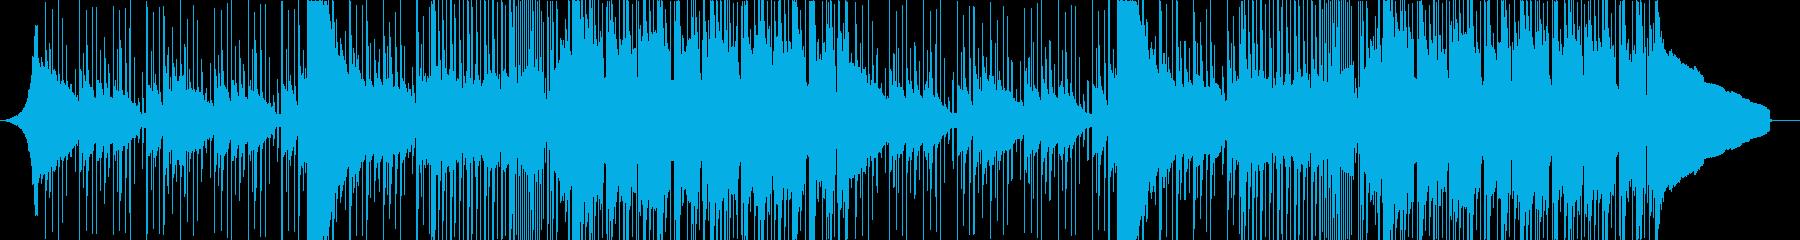 クールでスタイリッシュなHipHopの再生済みの波形